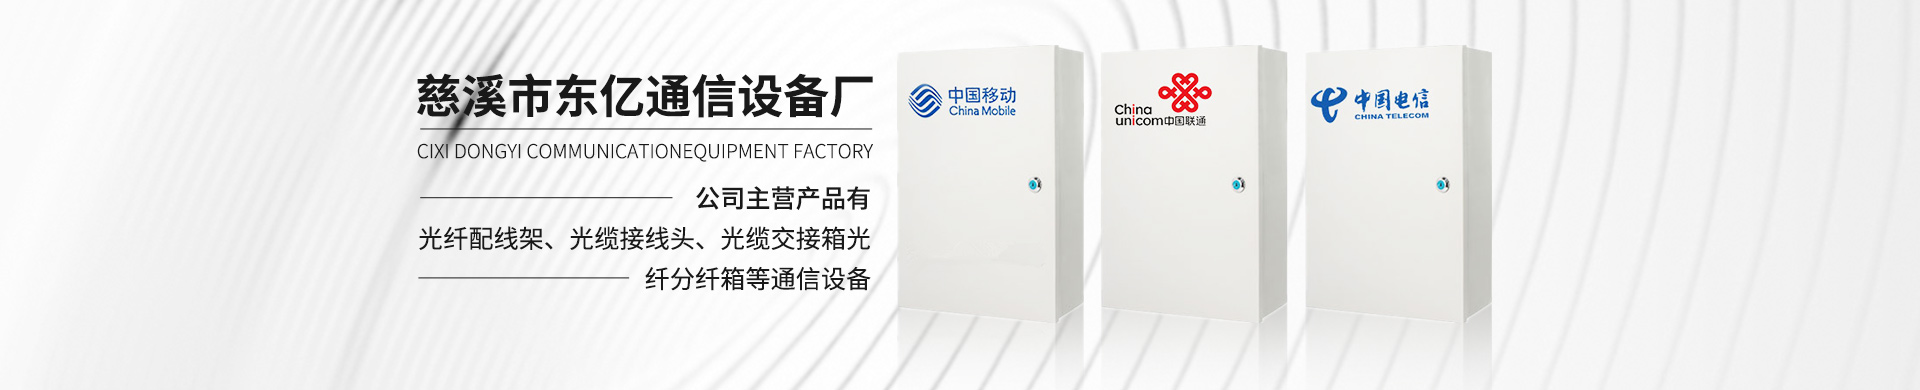 慈溪市东亿通信设备厂